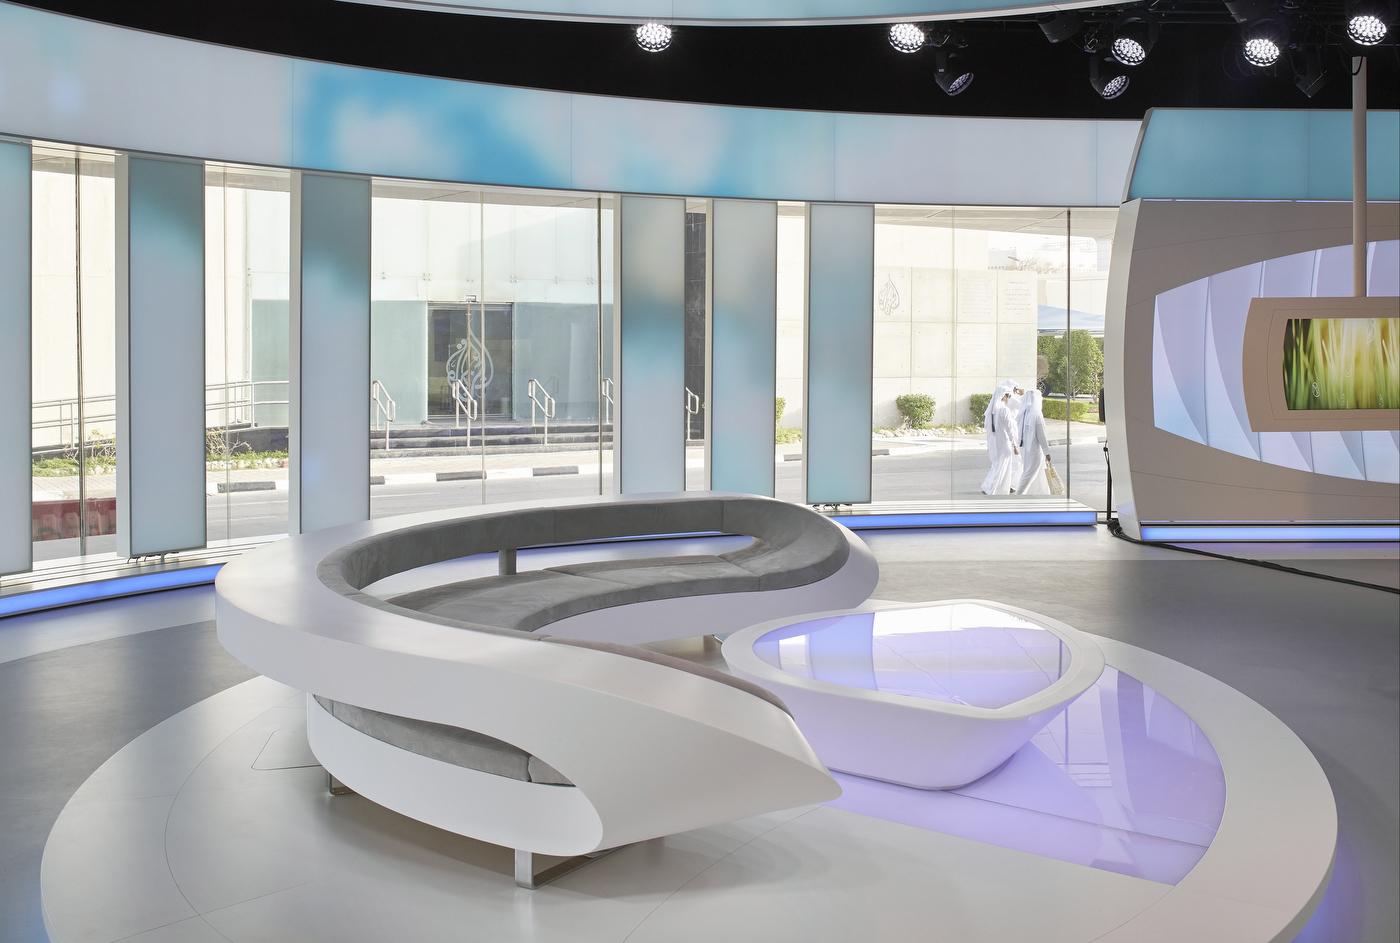 NCS_Al-Jazeera-Studio-14_0005